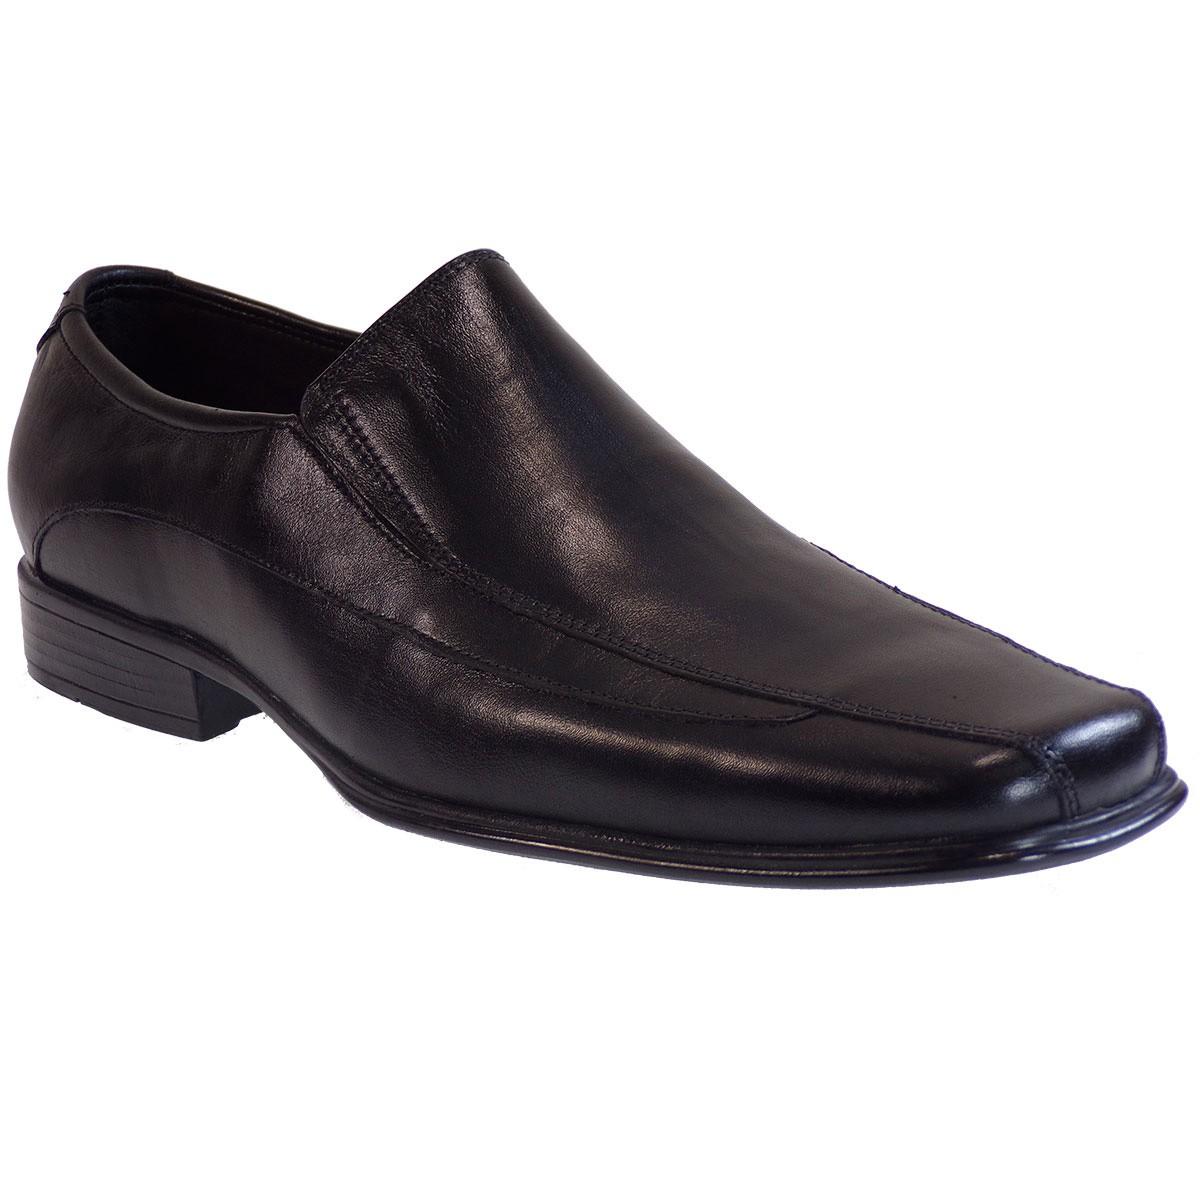 Vero Shoes Παπούτσια Αντρικά 128 Μαύρο Δέρμα